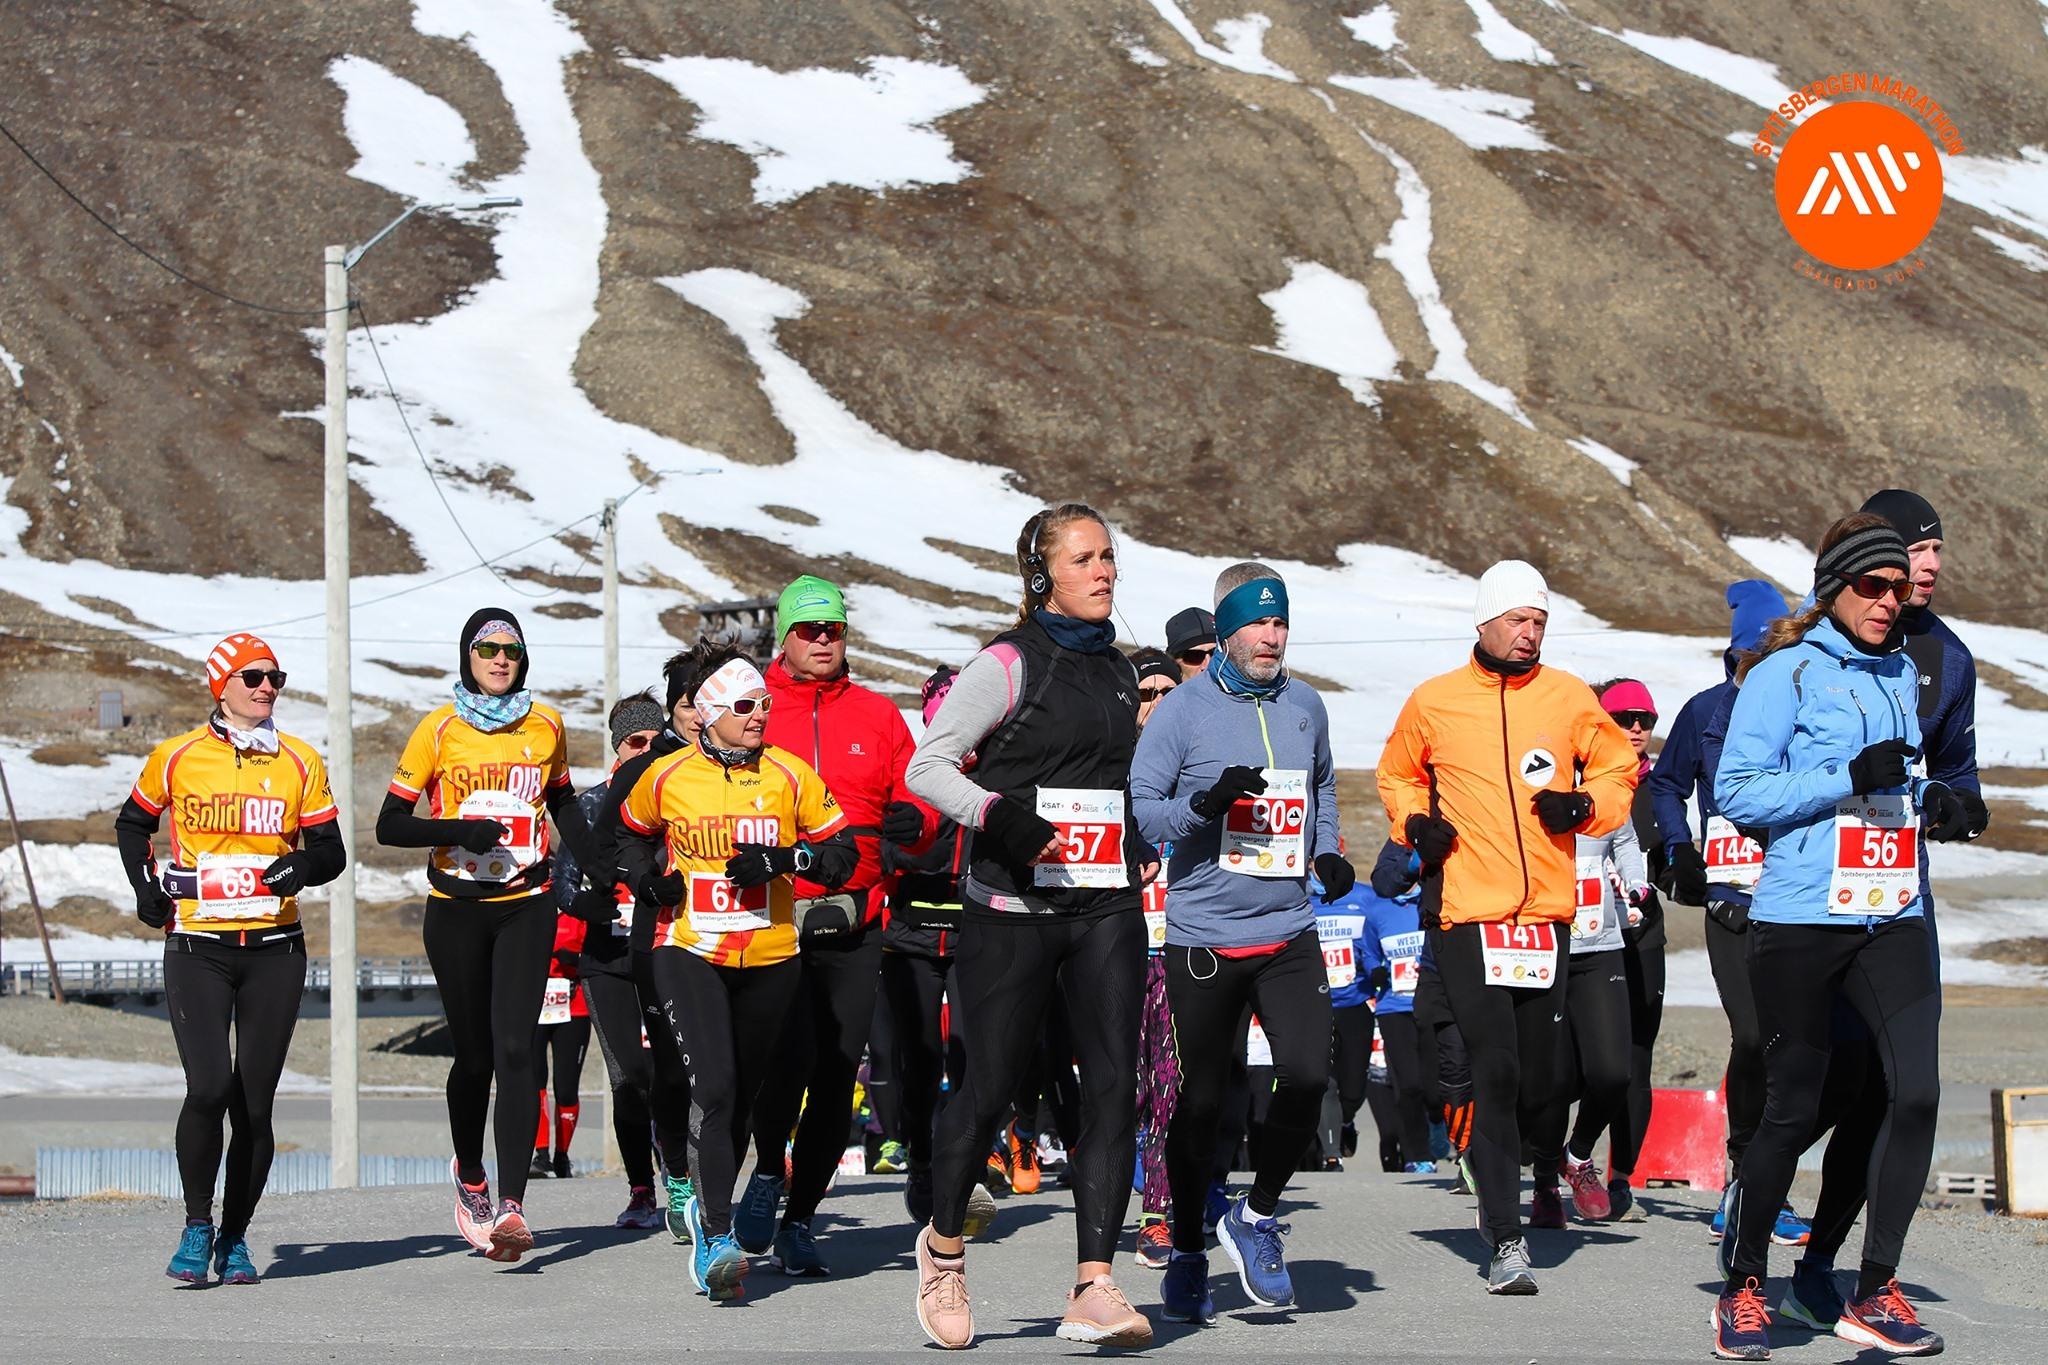 Maratonfeltet.jpg